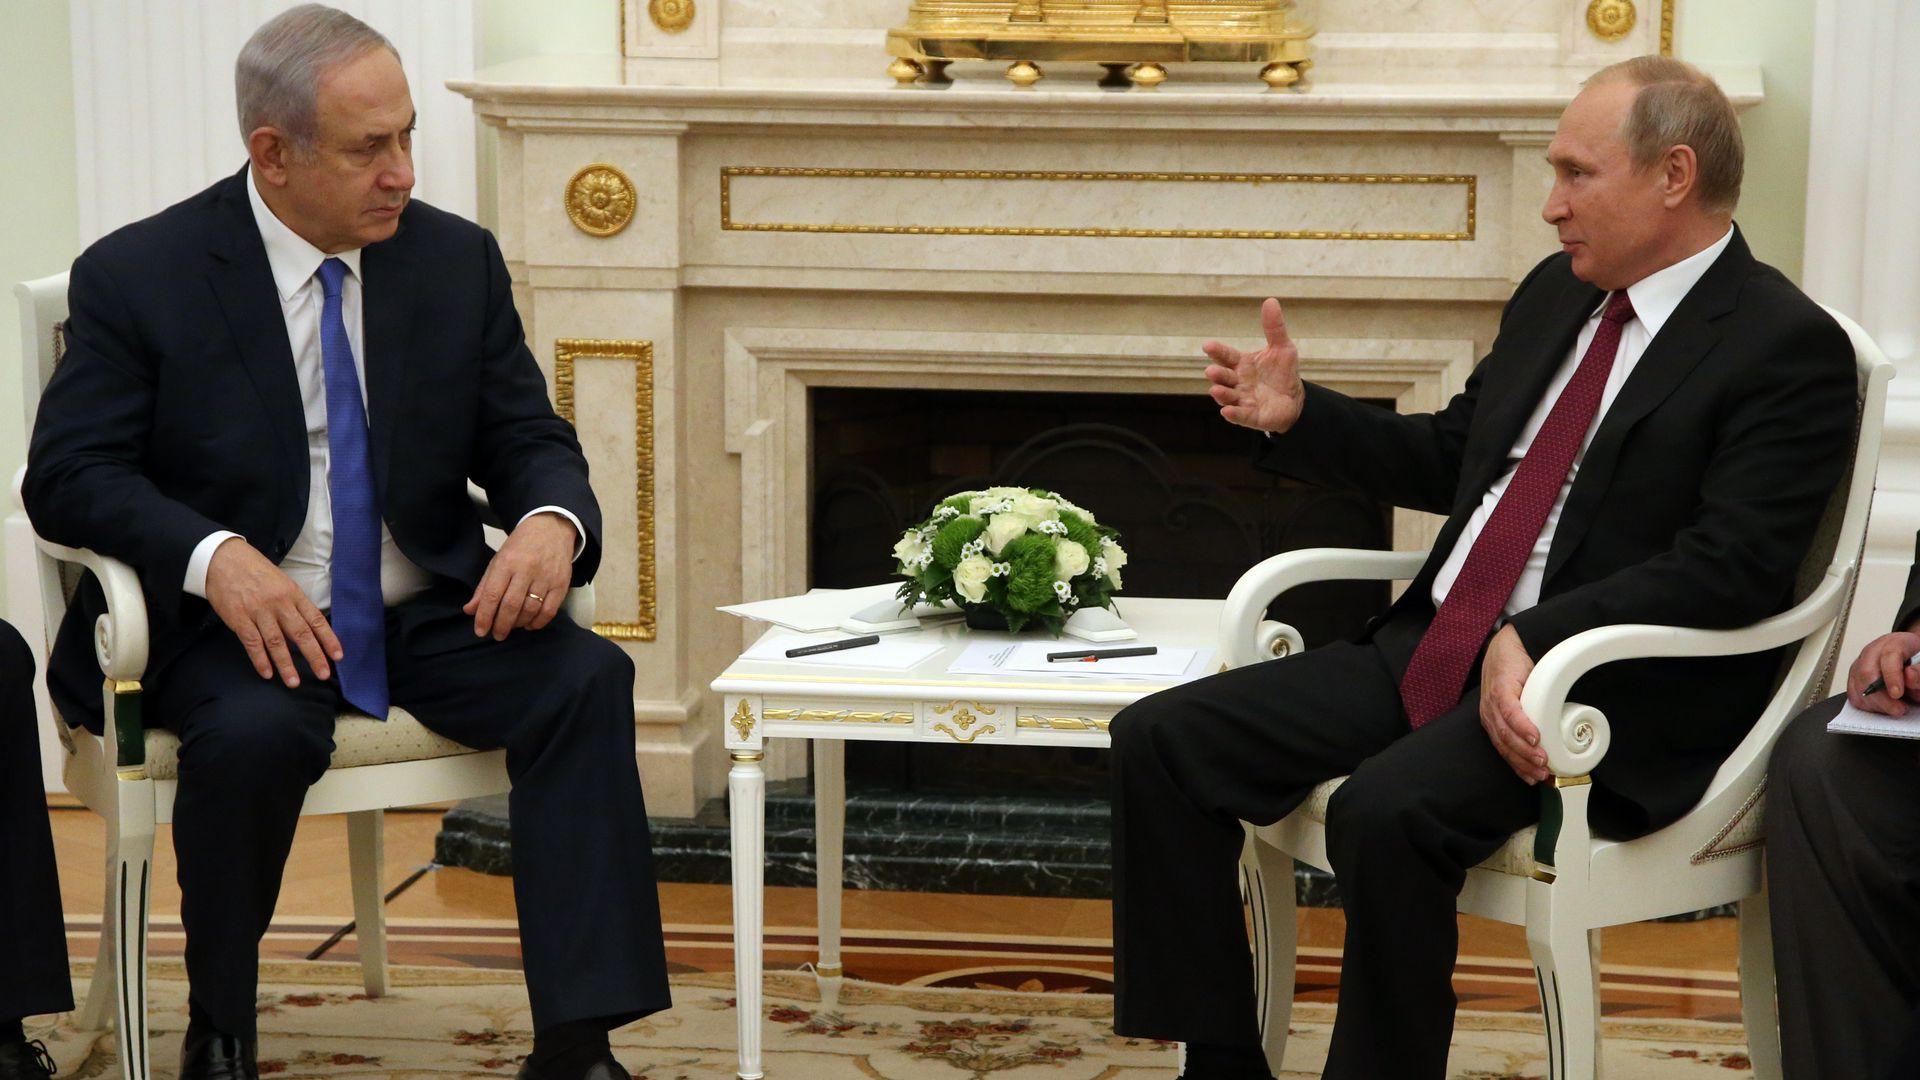 پیشنهاد روسیه برای خروج نیروهای ایرانی از سوریه در ازای برداشته شدن تحریم ها